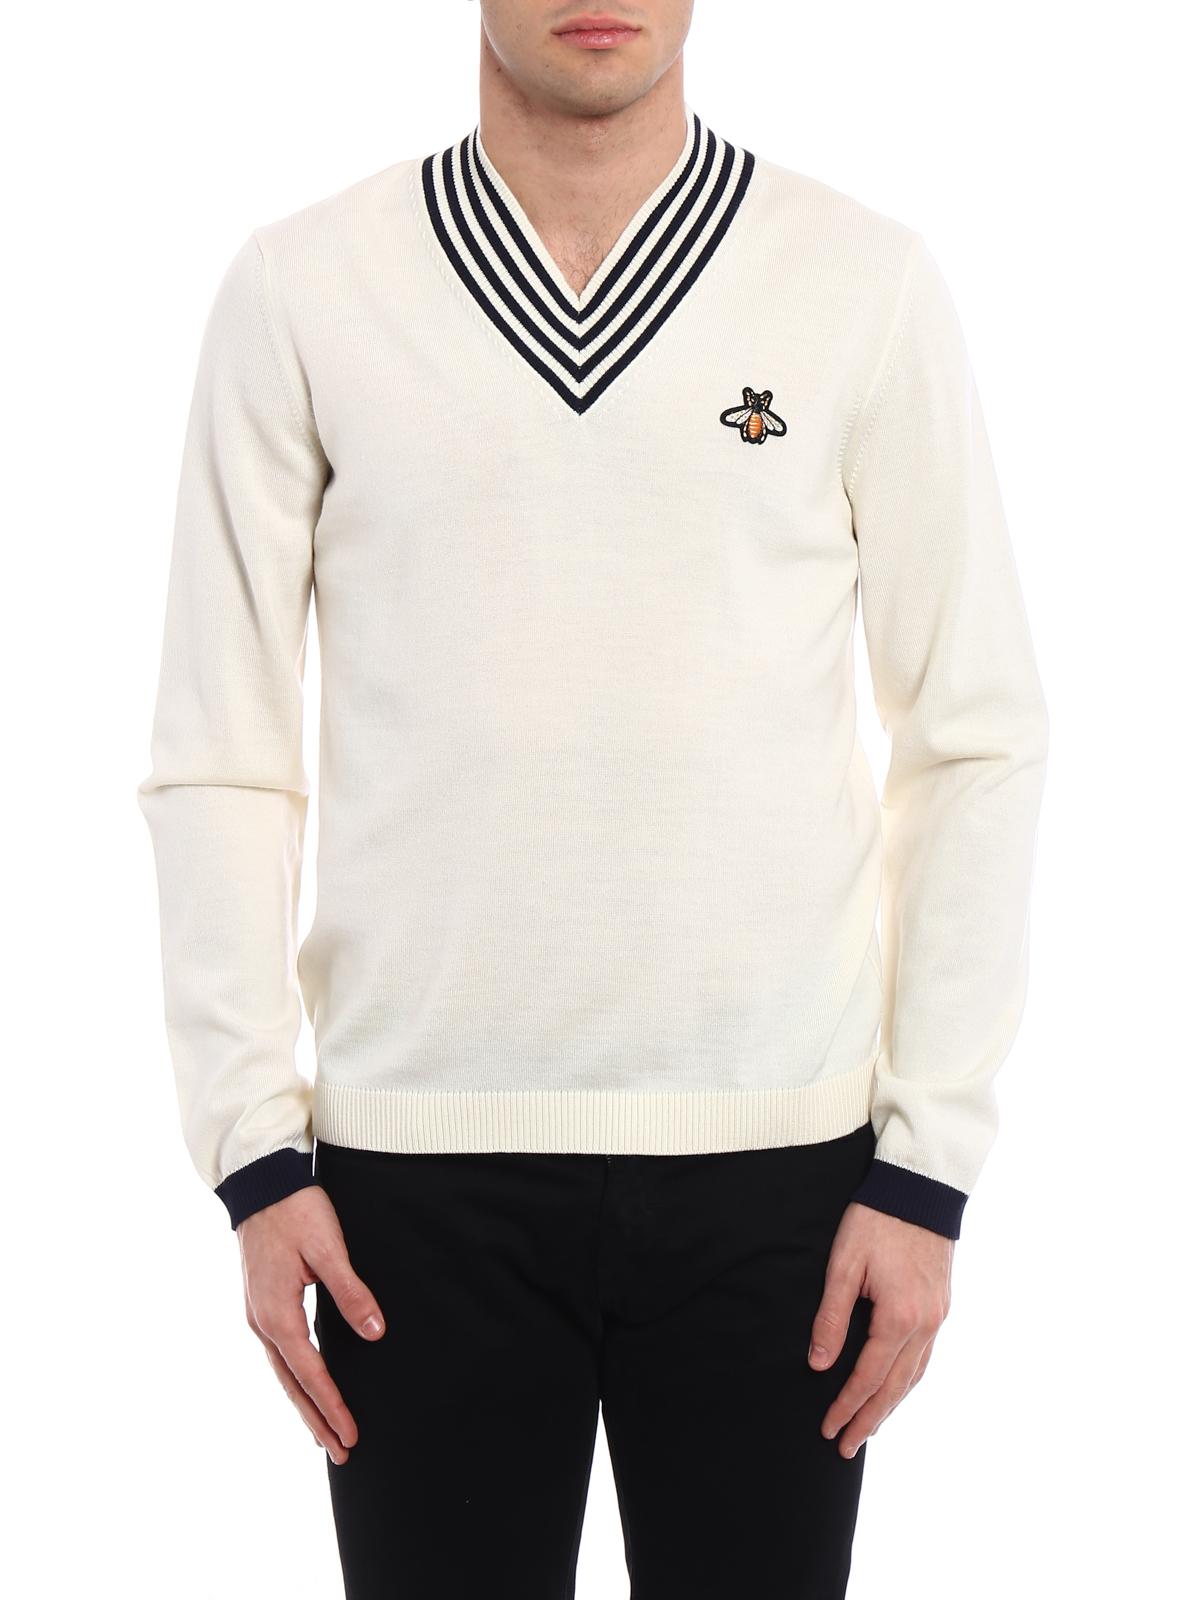 c67116049b4 Gucci - Striped V-neck white sweater - v necks - 496442 X9I00 9515